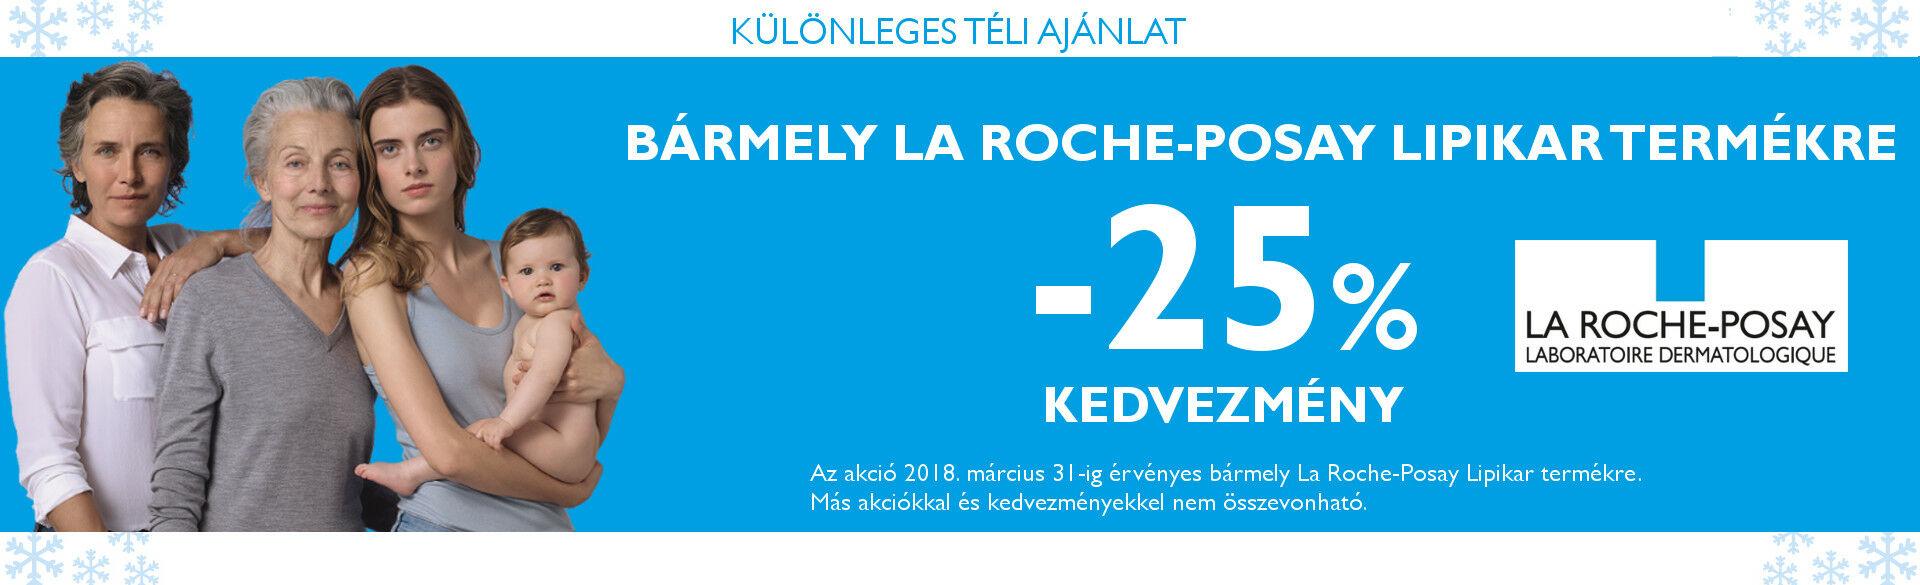 2018. március 31-ig minden La Roche-Posay Lipikar termékre 25% kedvezményt adunk!